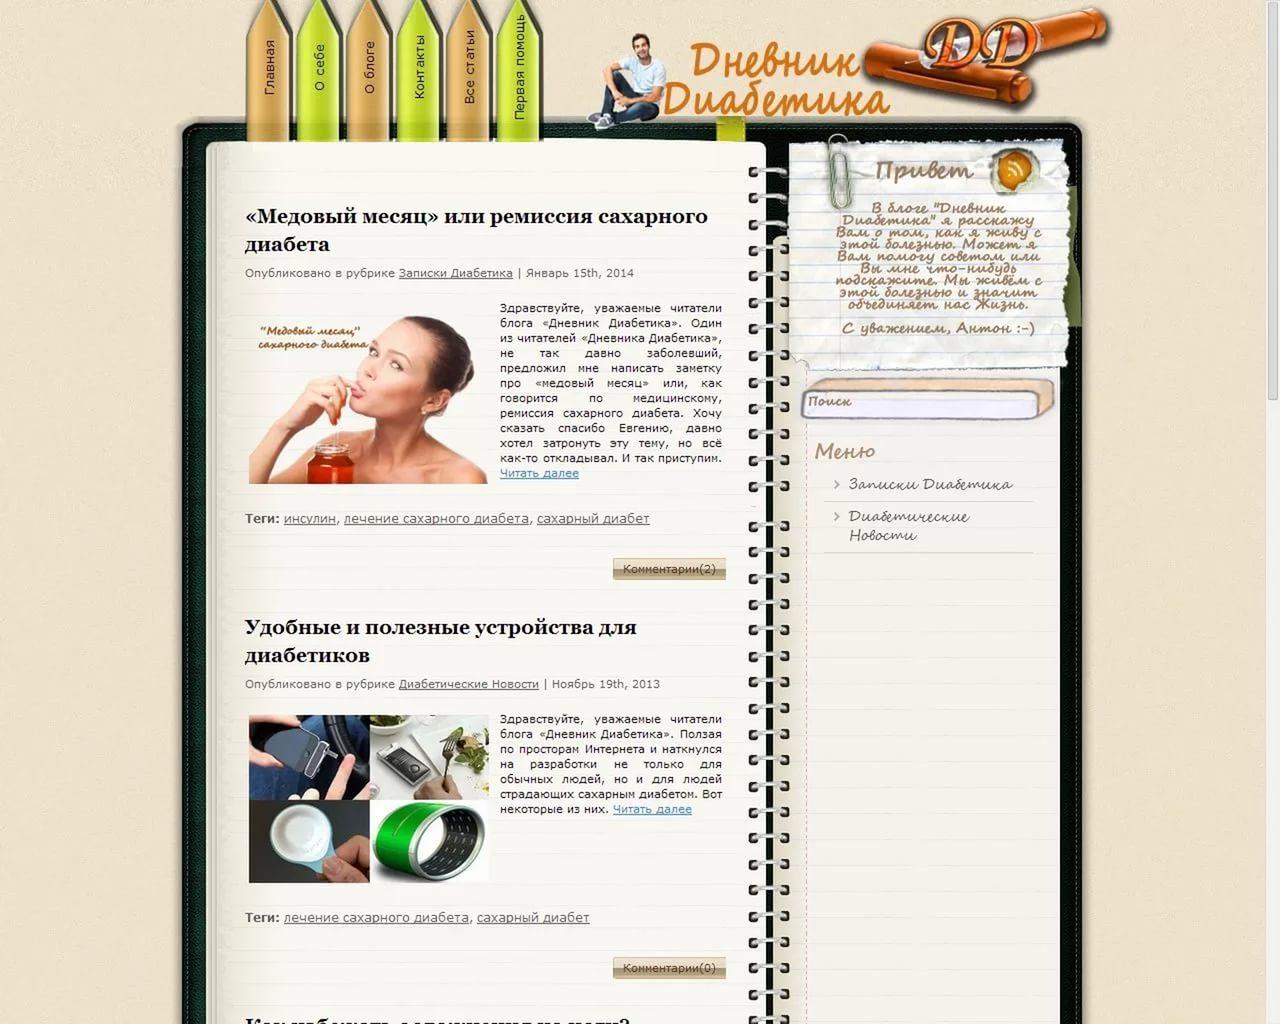 Дневник диабетика: принципы работы